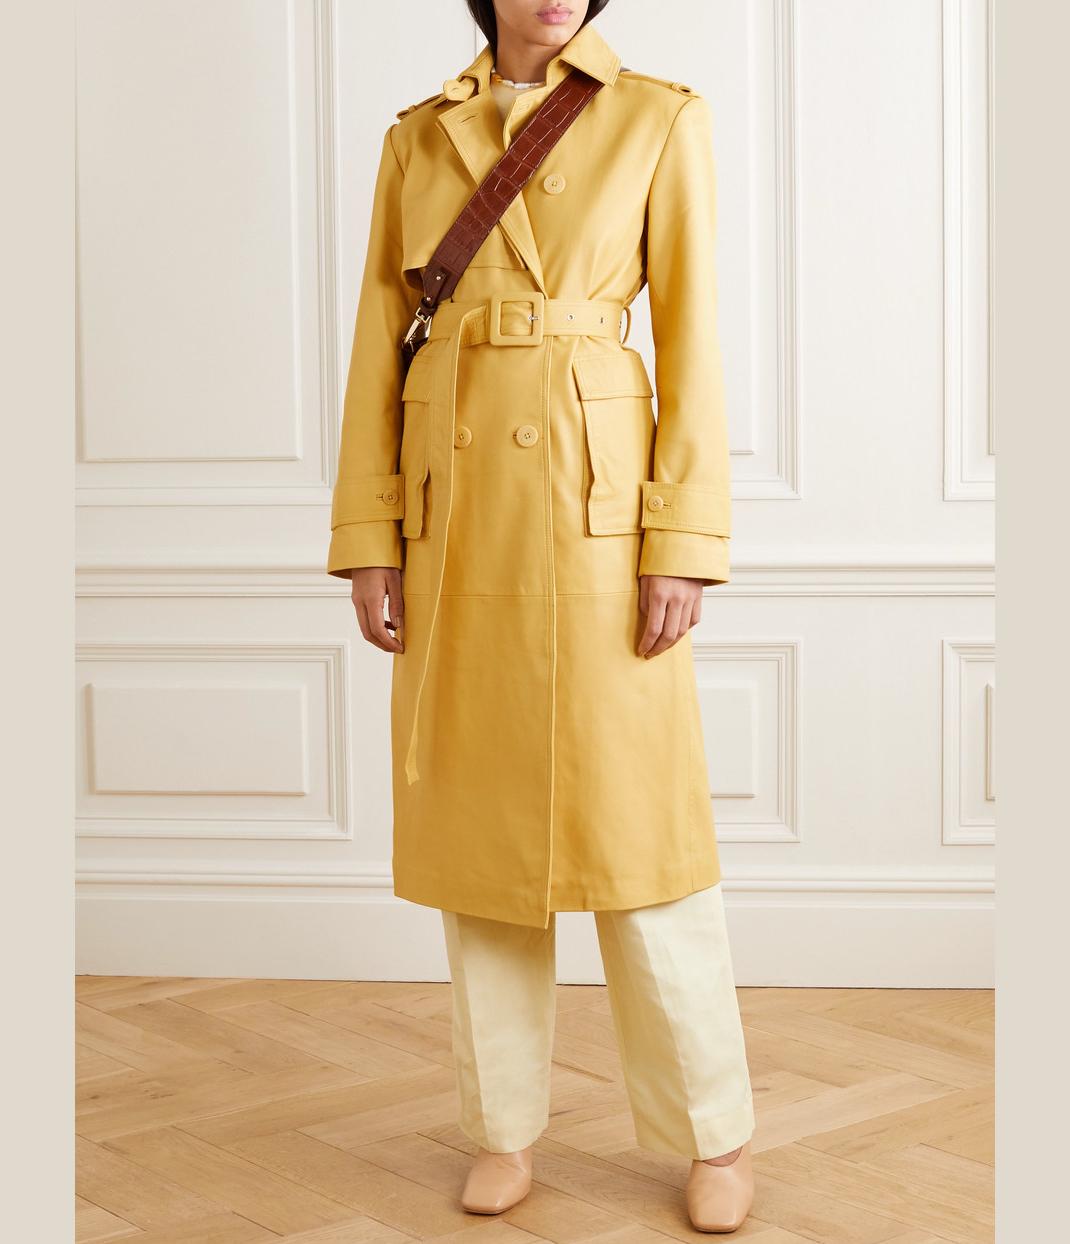 γυναίκα με κίτρινο παλτό Remain Birger Christensen